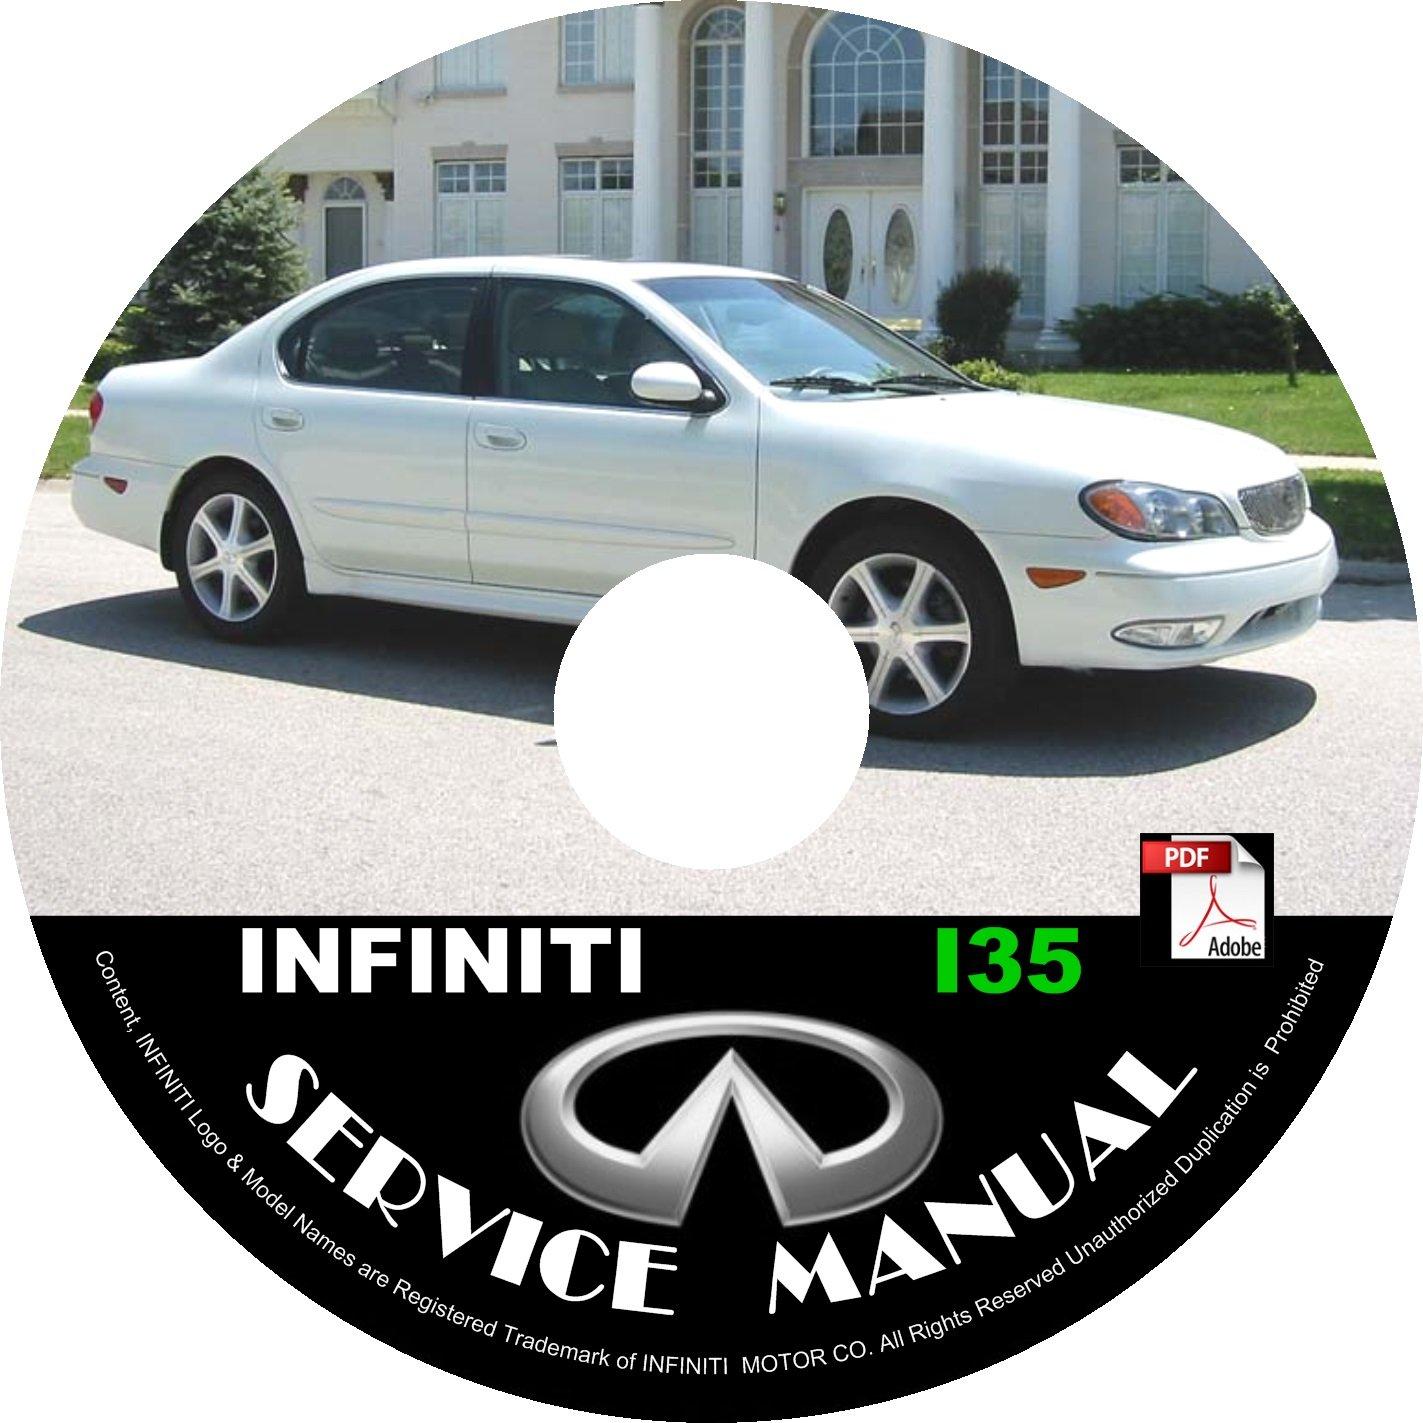 2003 Infiniti I35 Factory OEM Service Repair Shop Manual on CD Fix Repair Rebuild '03 Workshop Guide